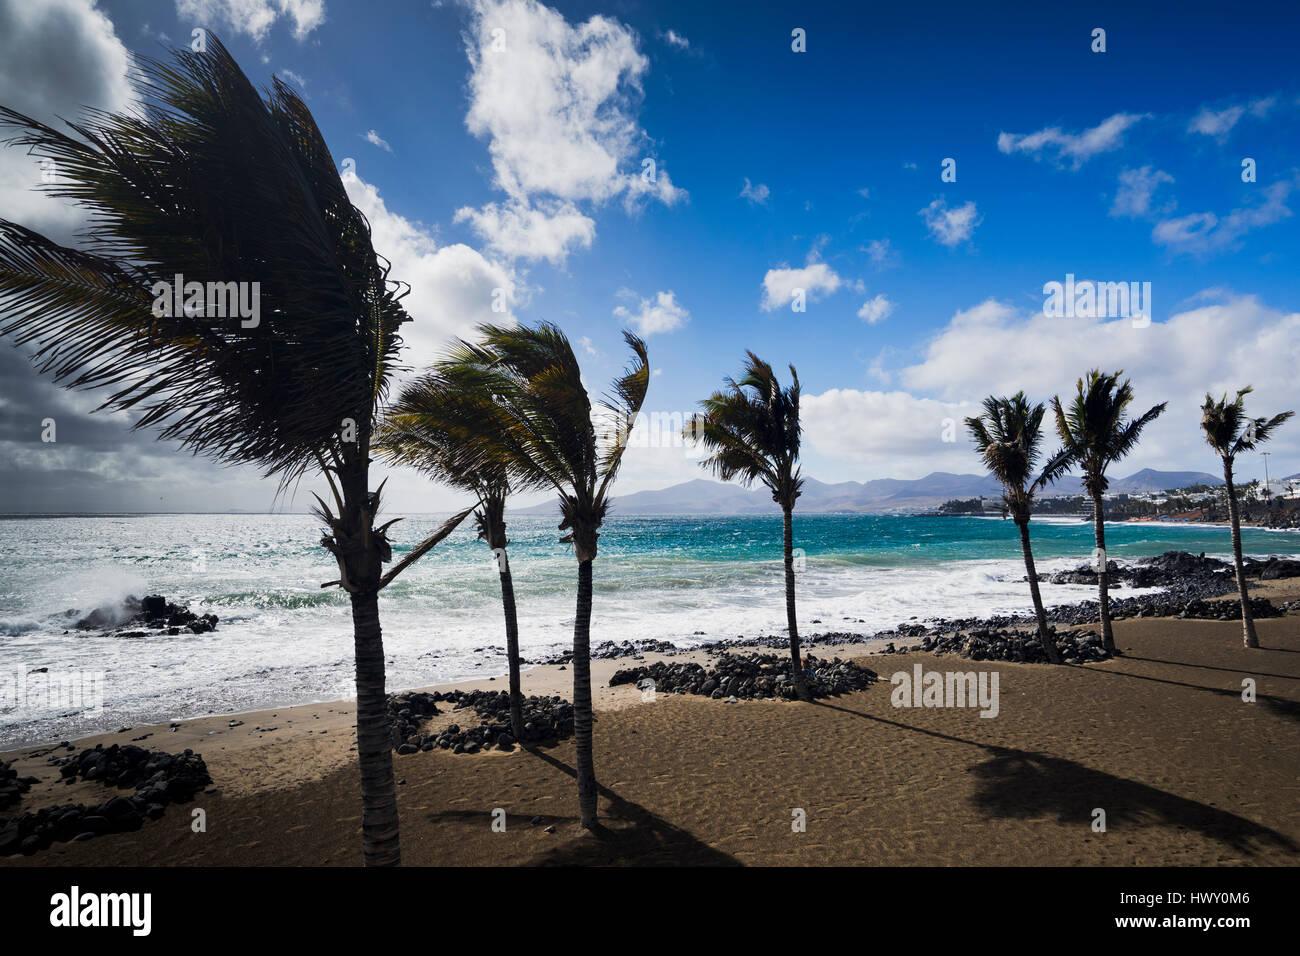 beach at Puerto del Carmen on Lanzarote - Stock Image